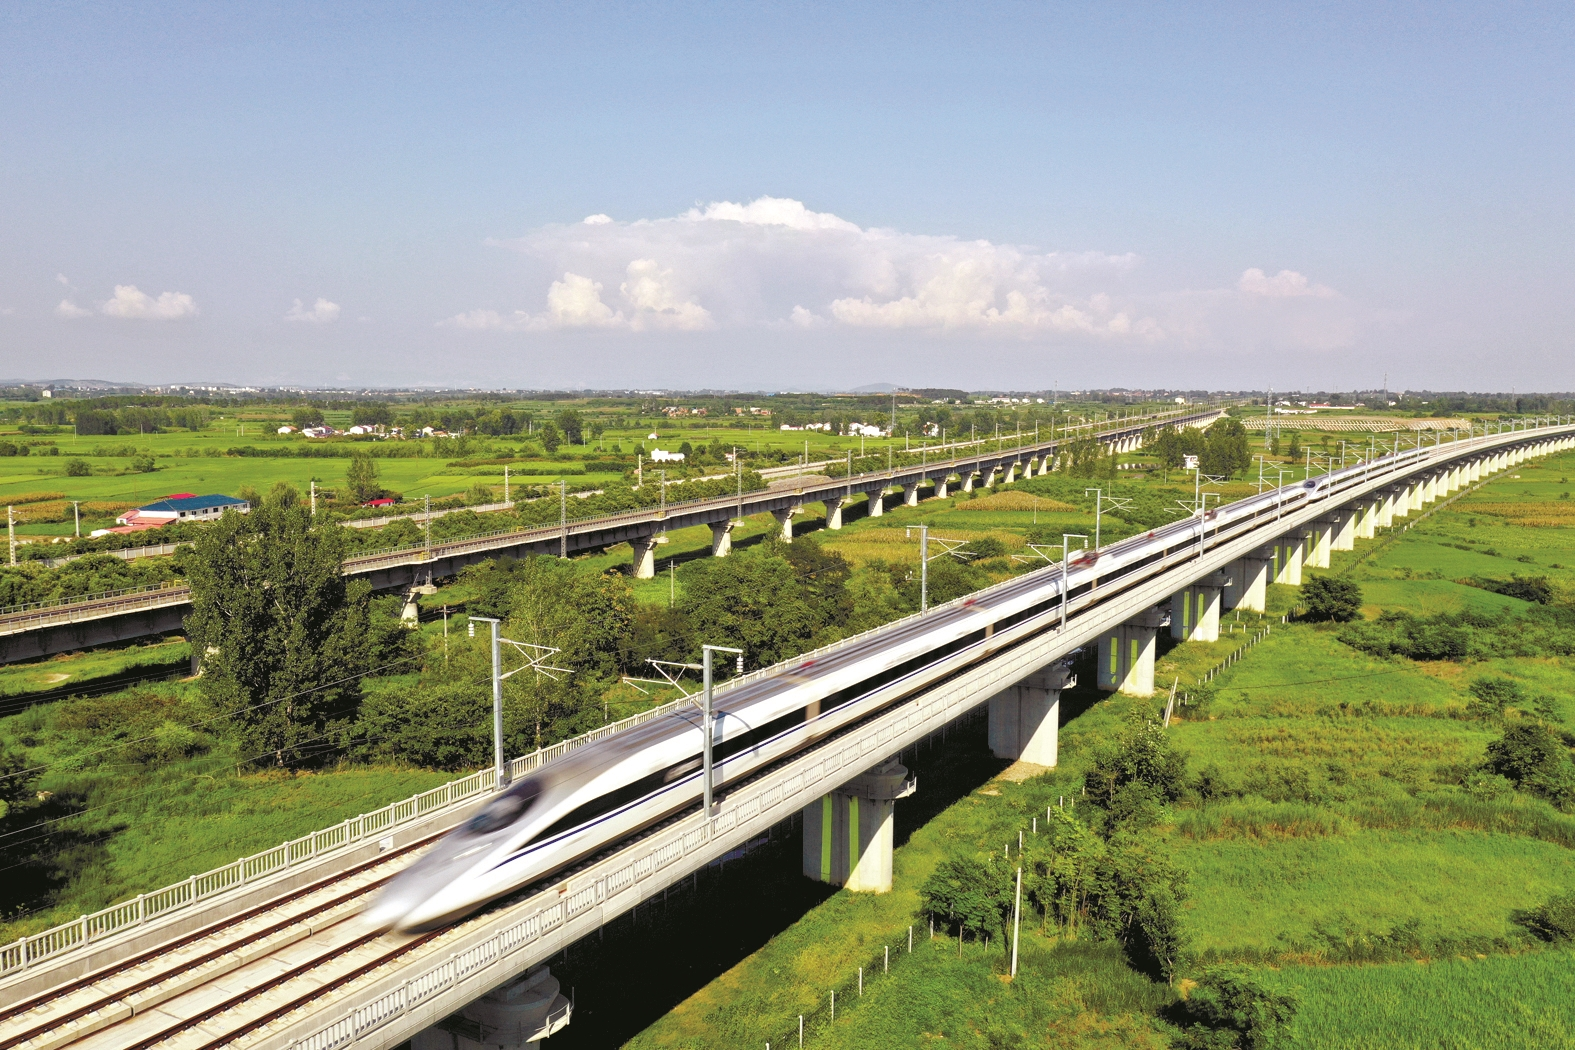 今起枣阳有了始发高铁到北京 国内县级市中第一个全程最快约7小时